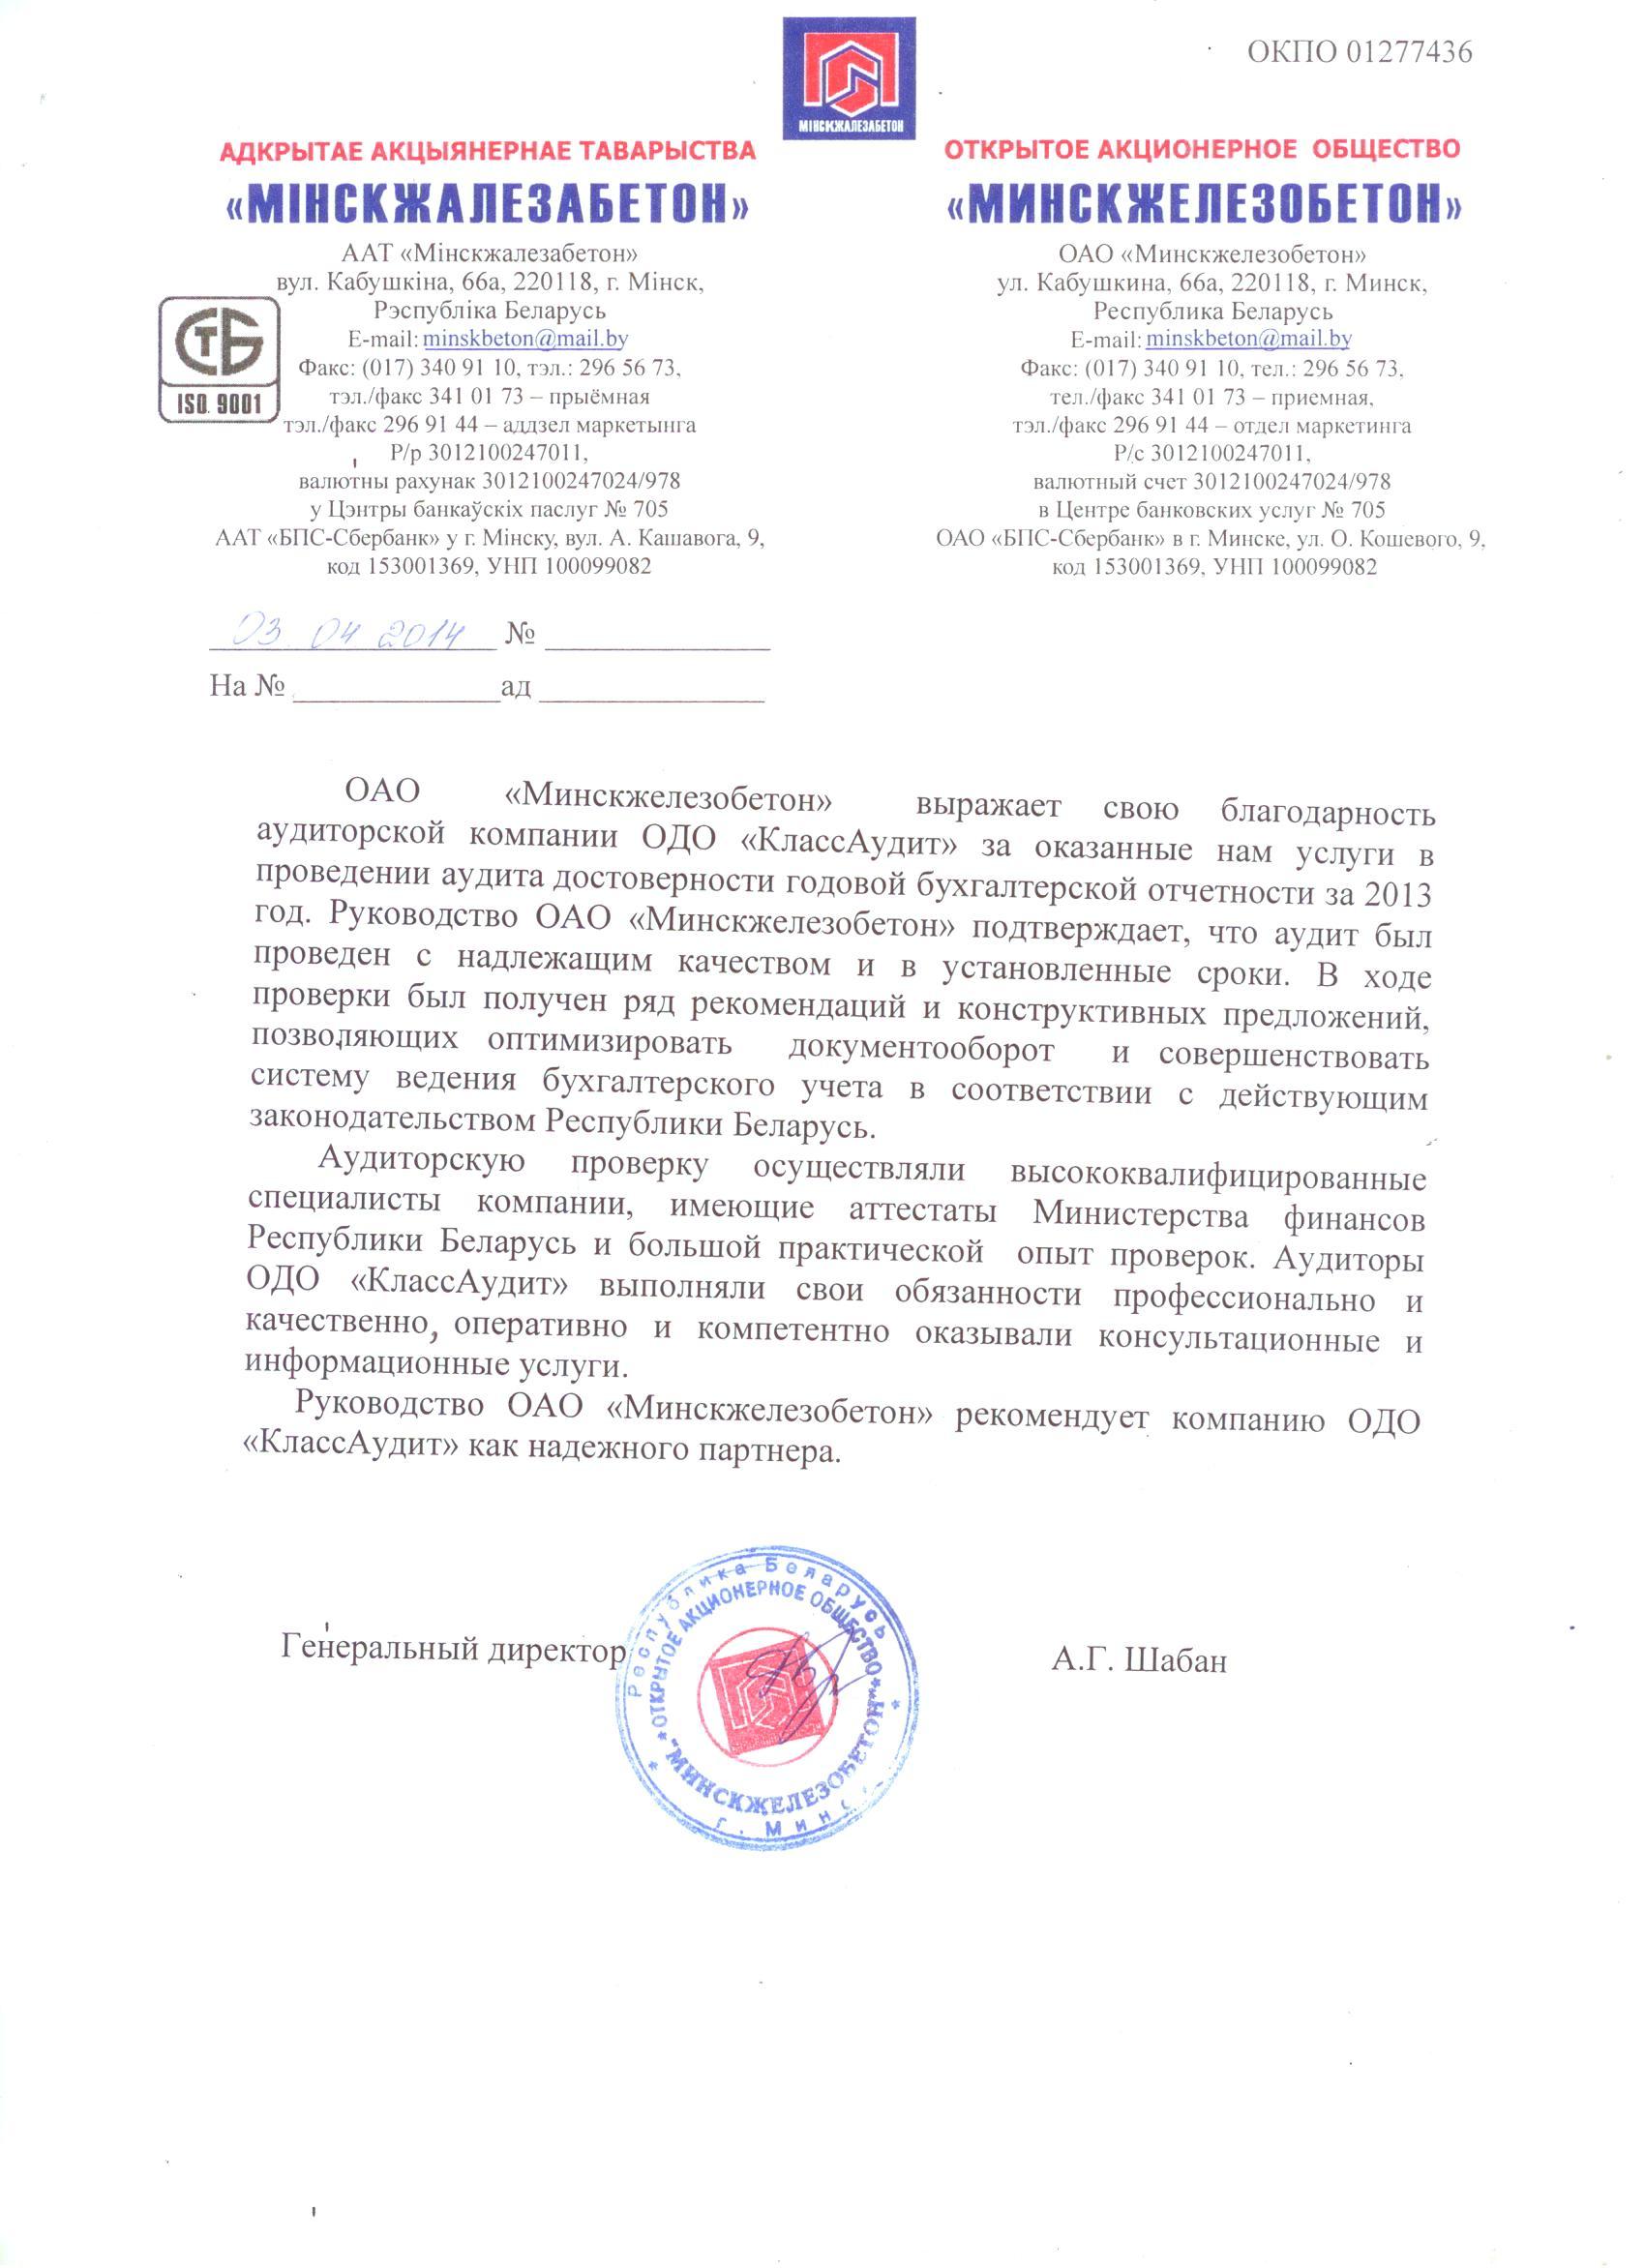 ОАО «МИНСКЖЕЛЕЗОБЕТОН»